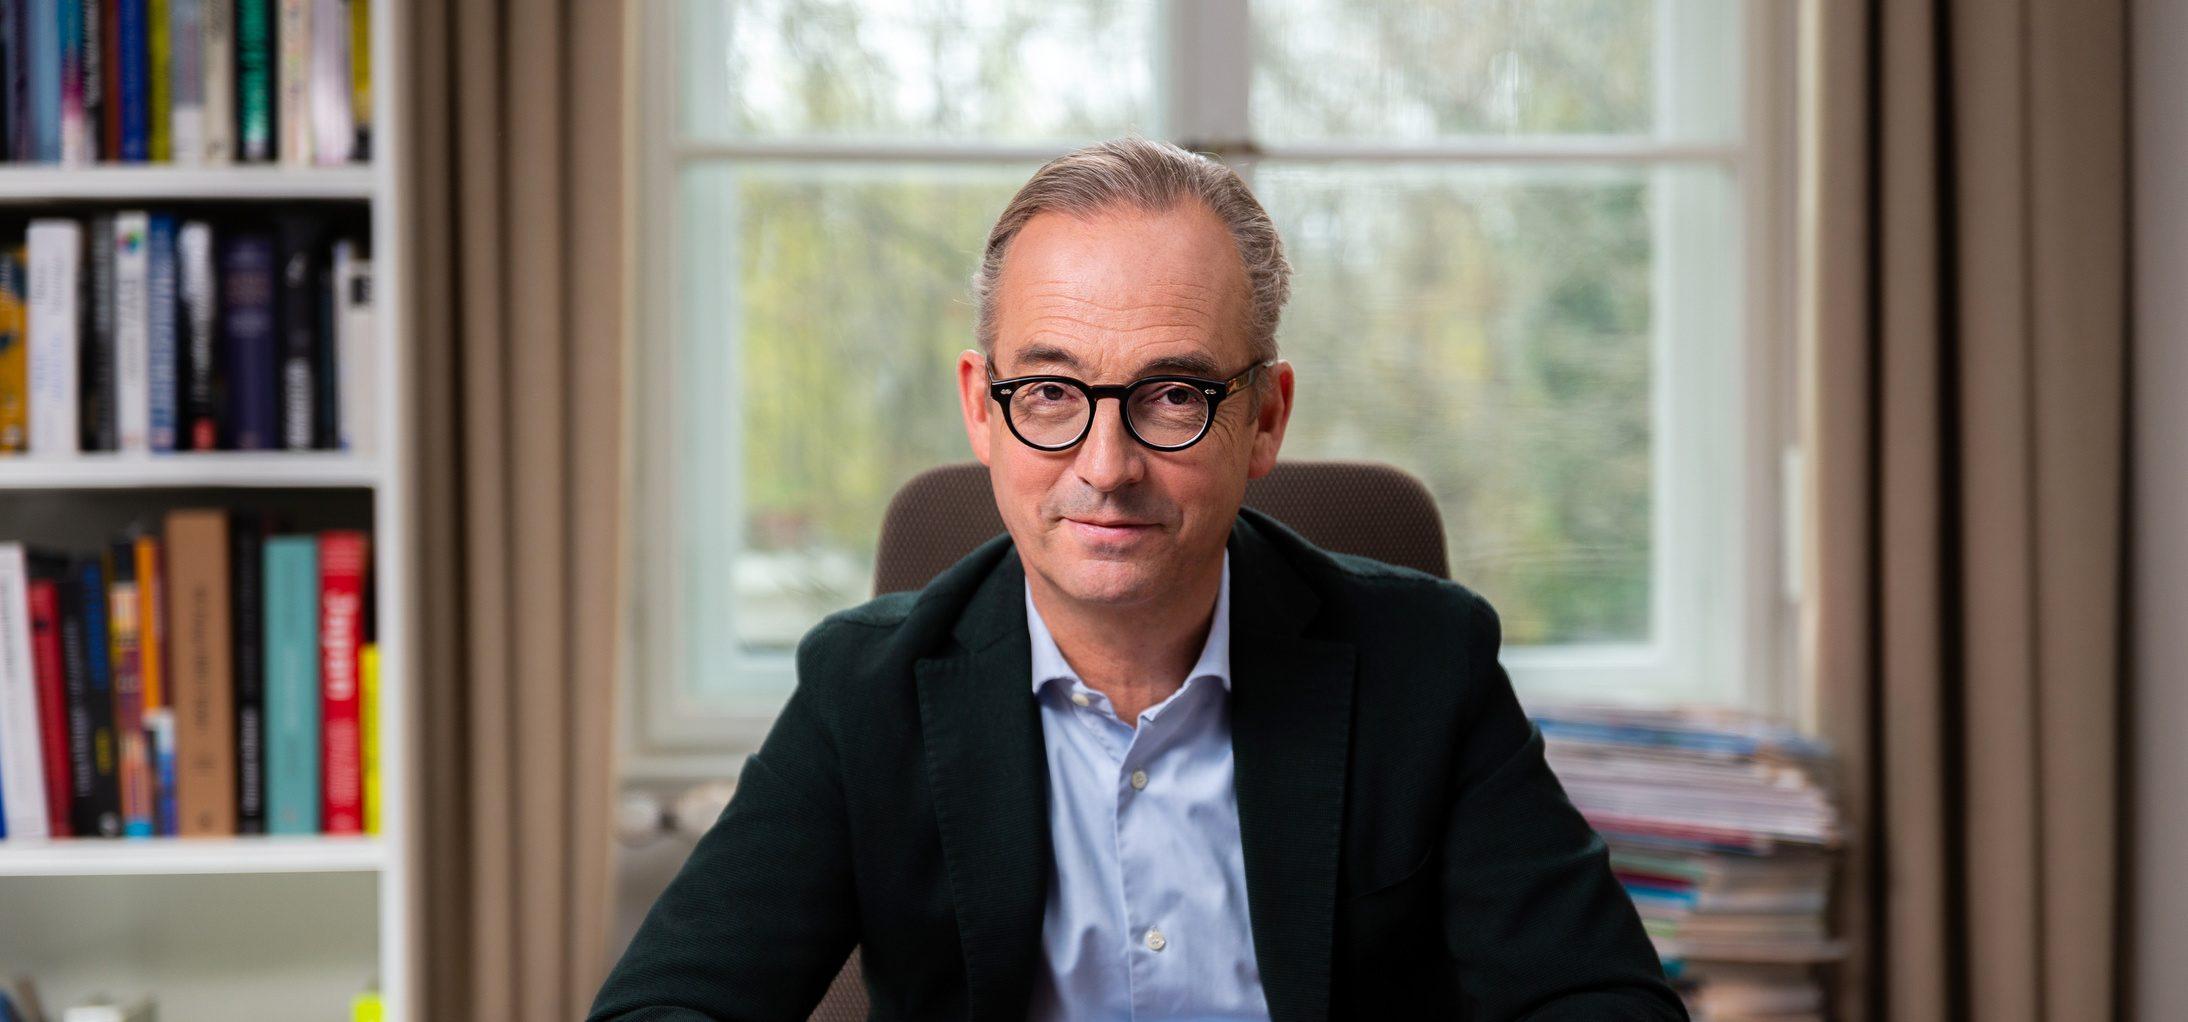 Fleischhauer – 9 Minuten netto